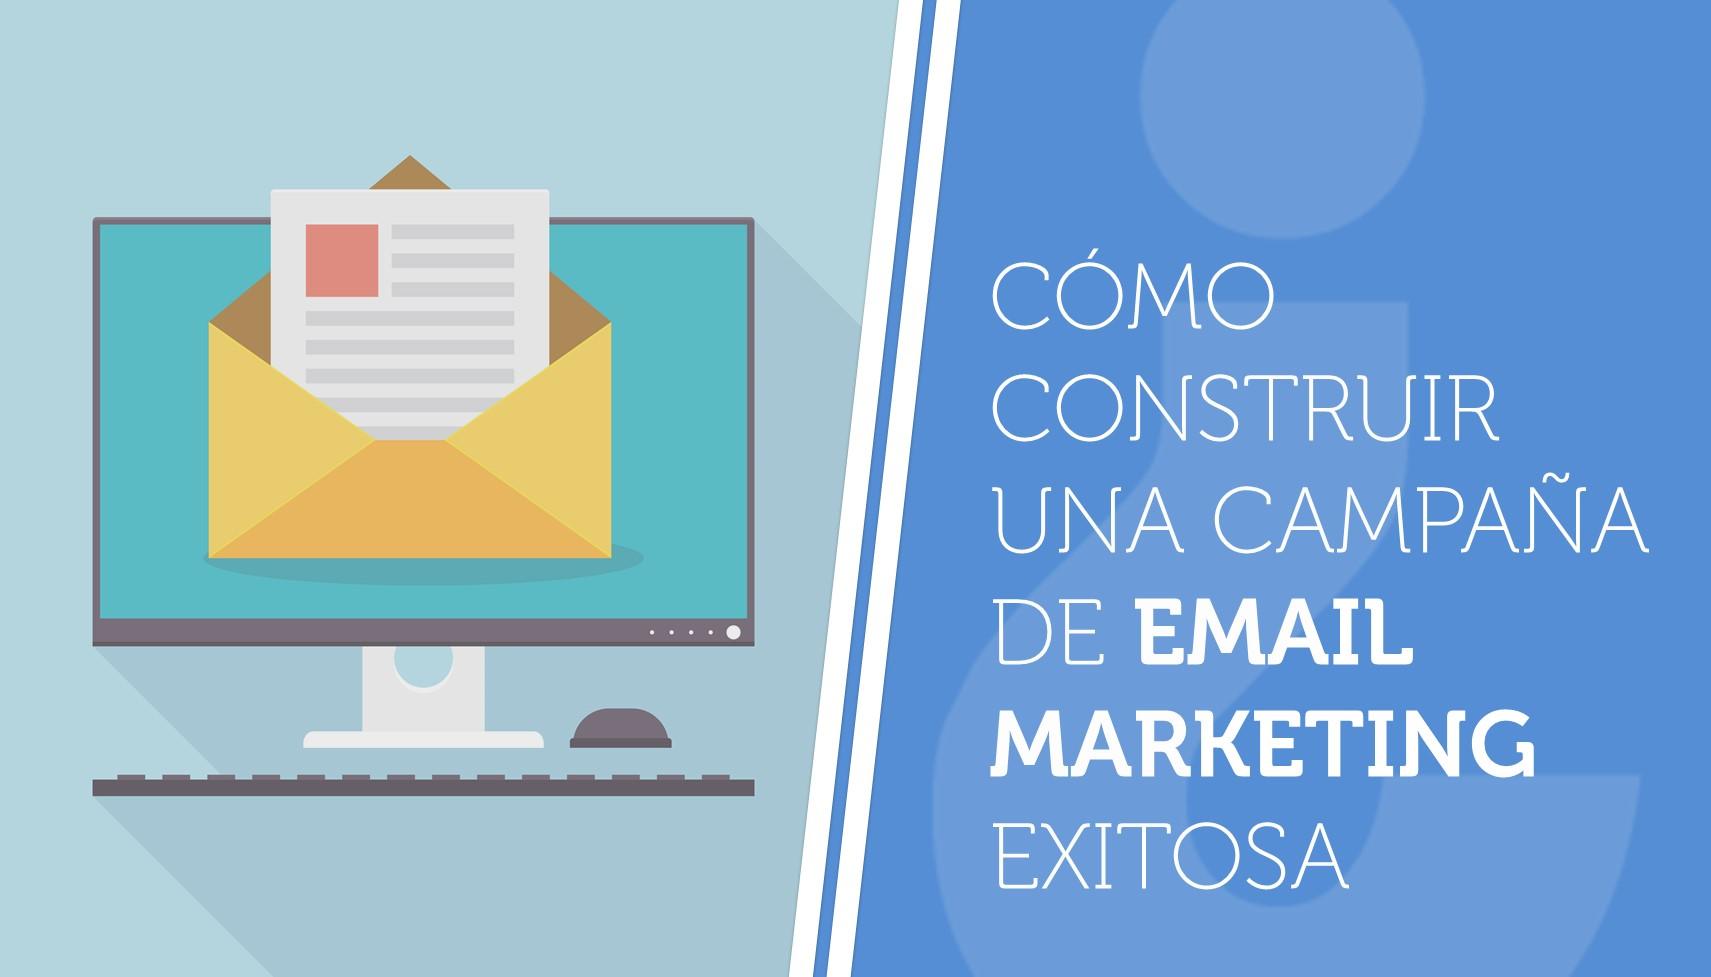 Cómo construir una campaña de email marketing exitosa